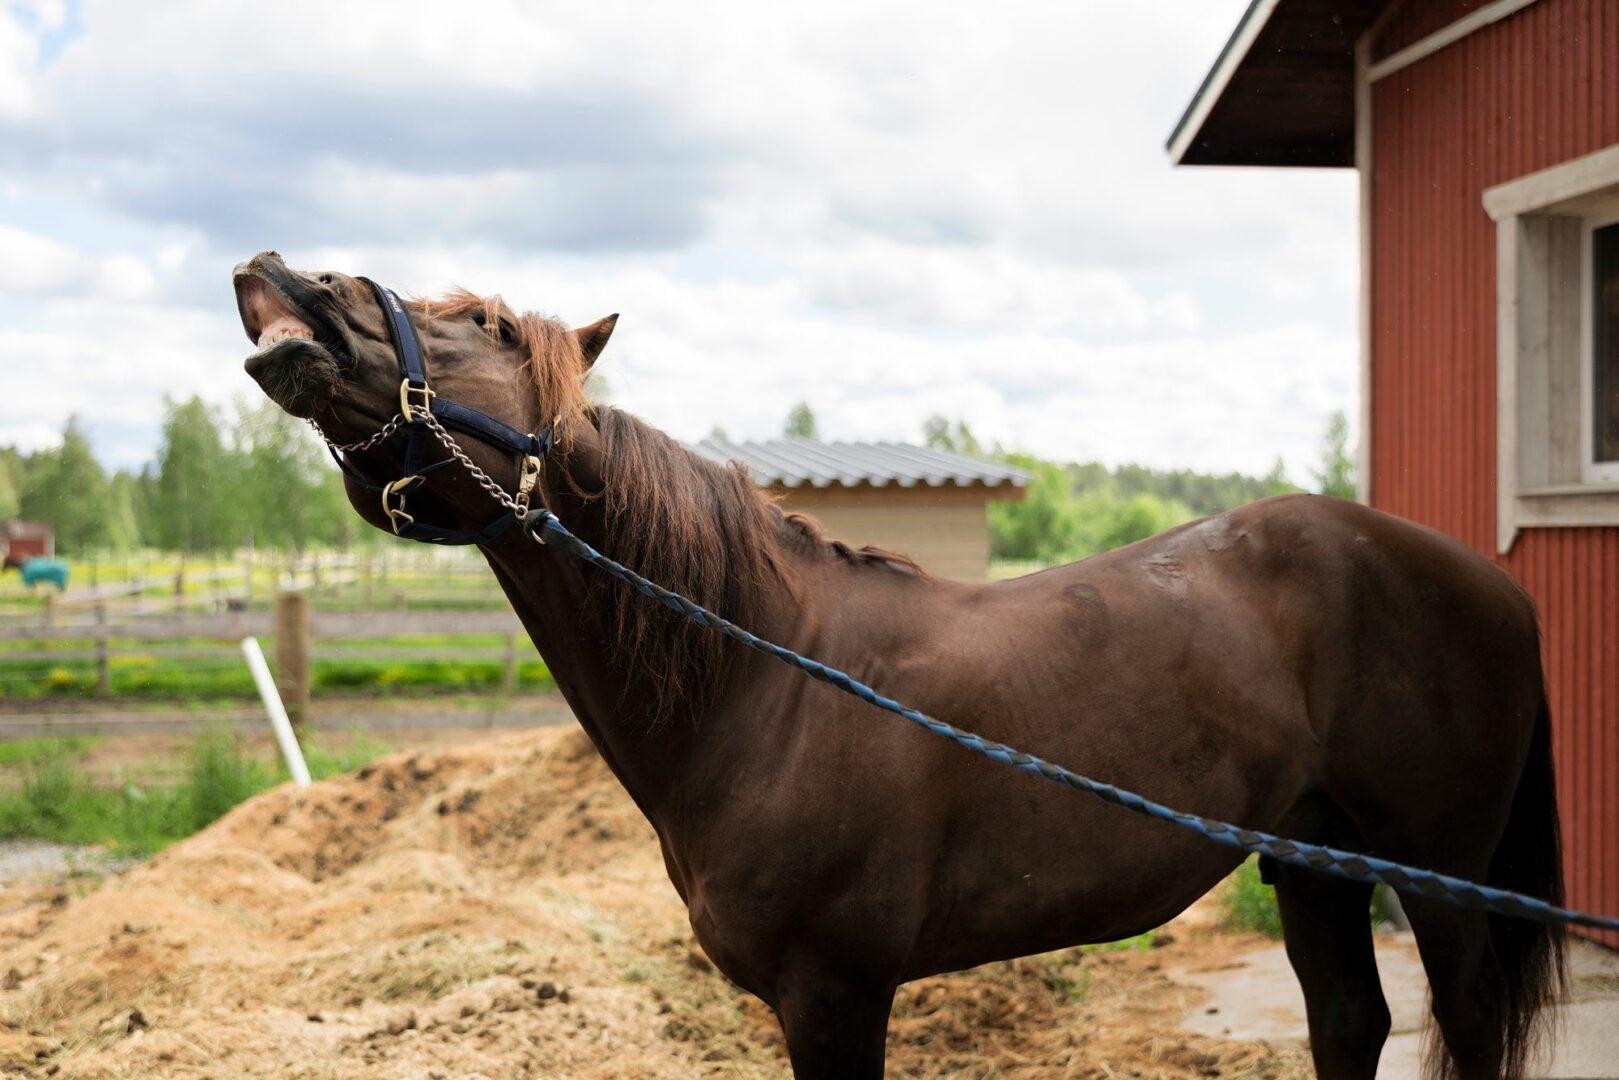 Ravikuningas Evartti on ollut monissa kilpailuissa nopein ja väkevin. Myös taistelussa hengestään ja selviämisestään se on ollut uskomattoman sitkeä.  © Matias Honkamaa